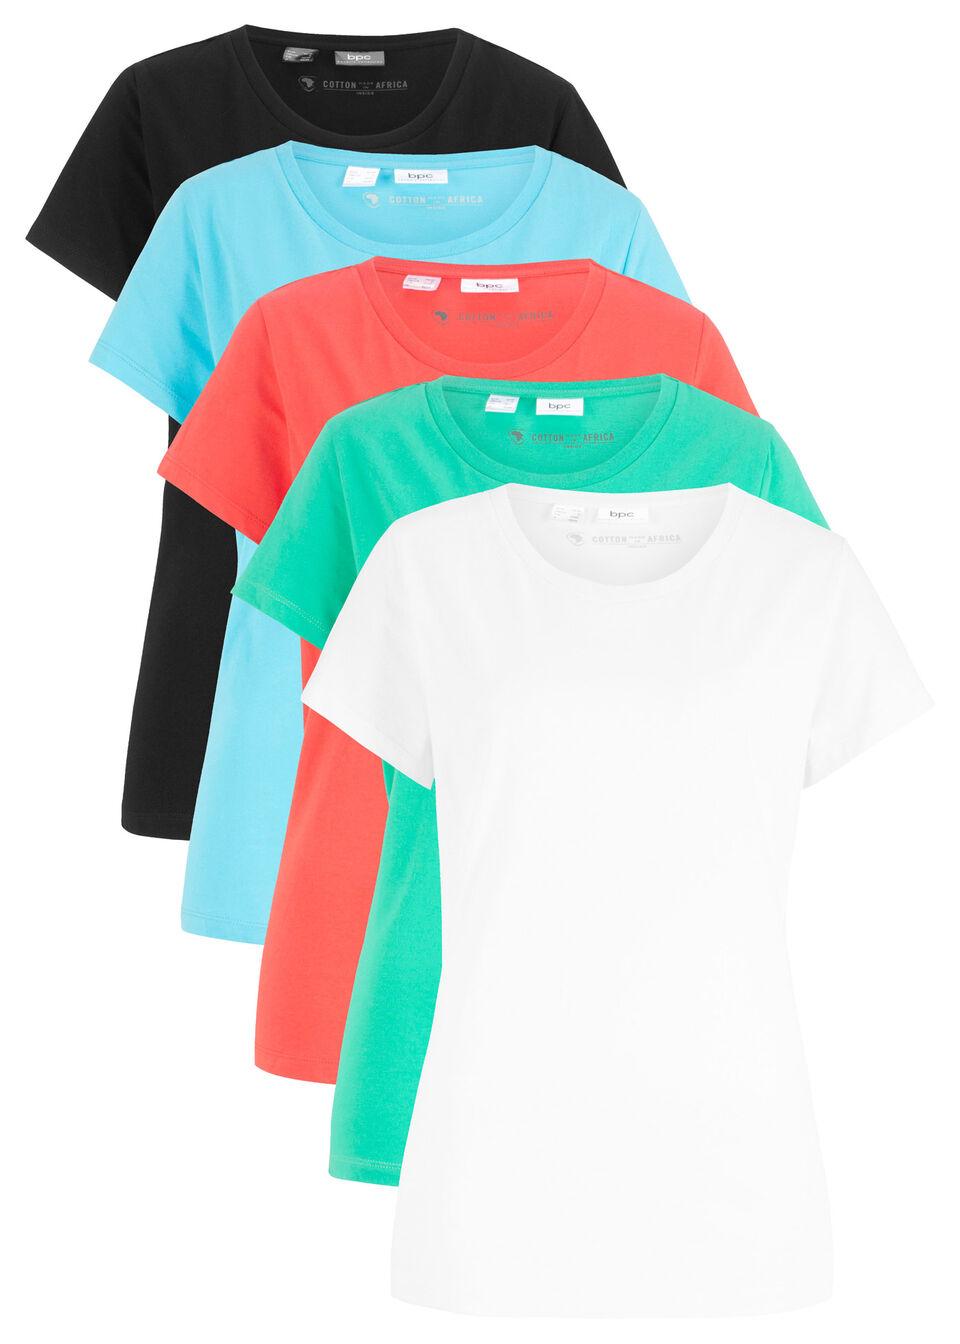 d5a996042755 Hosszú póló (5 db-os csomag) hibiszkuszpink+világosszürke  melírozott+fehér+fekete+sötétkék • 6495.0 Ft • bonprix